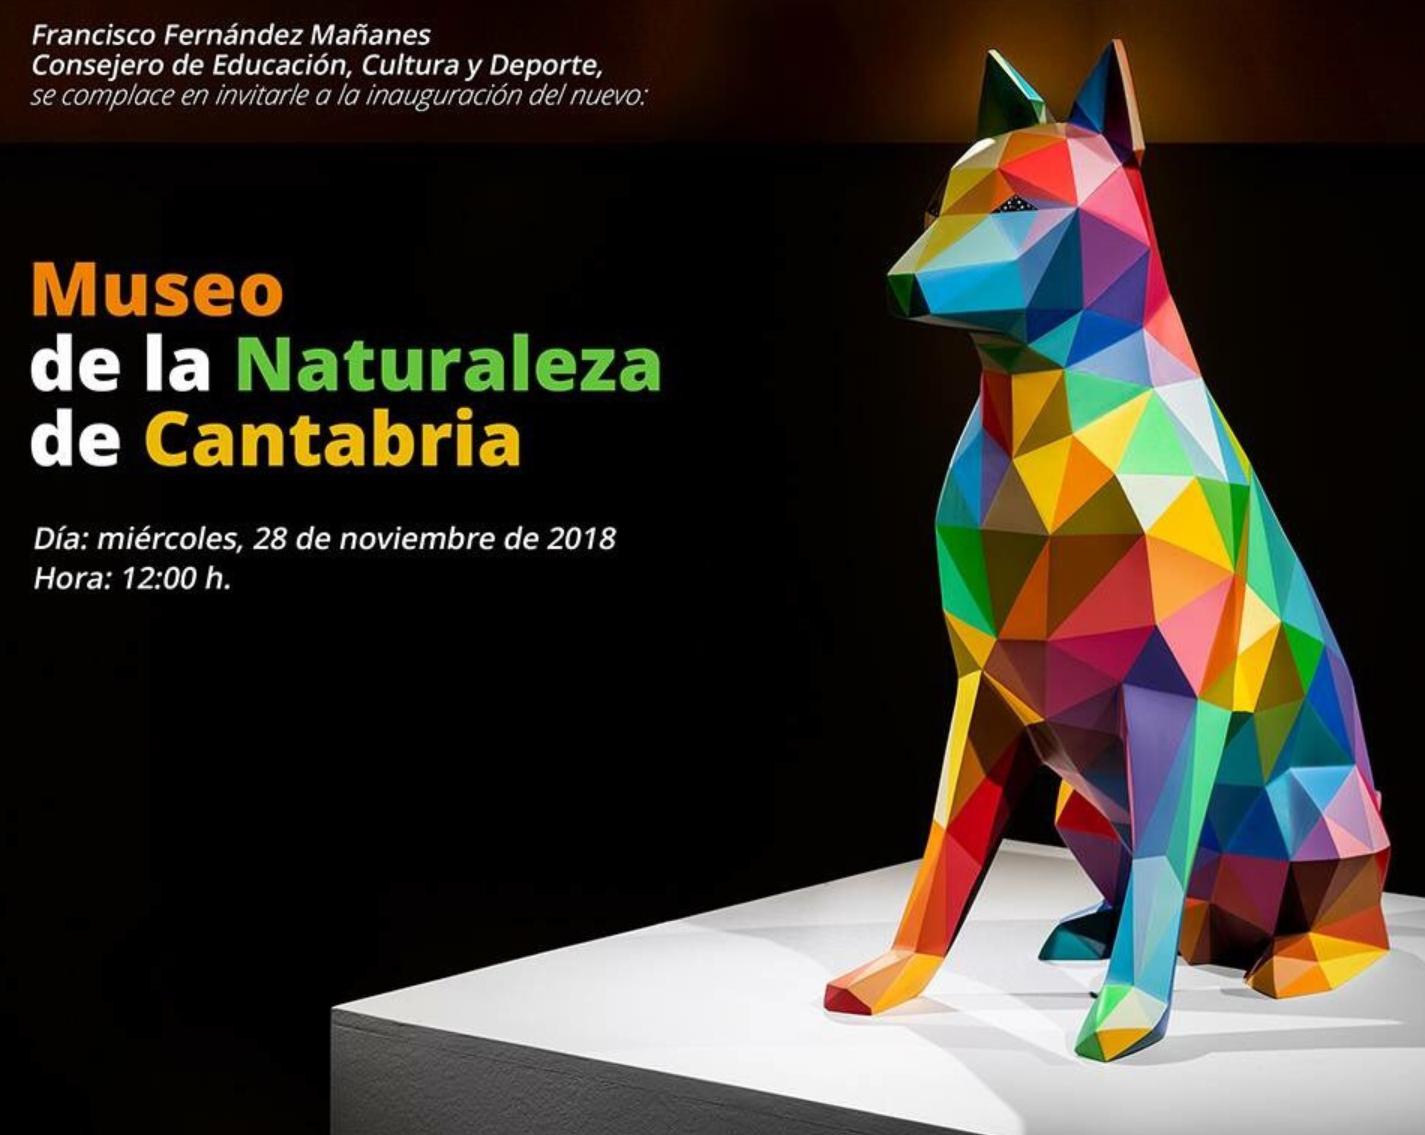 CANTABRIA: Sábado 01 Diciembre - Museo de la Naturaleza de Cantabria (Entrada y mosto gratis)